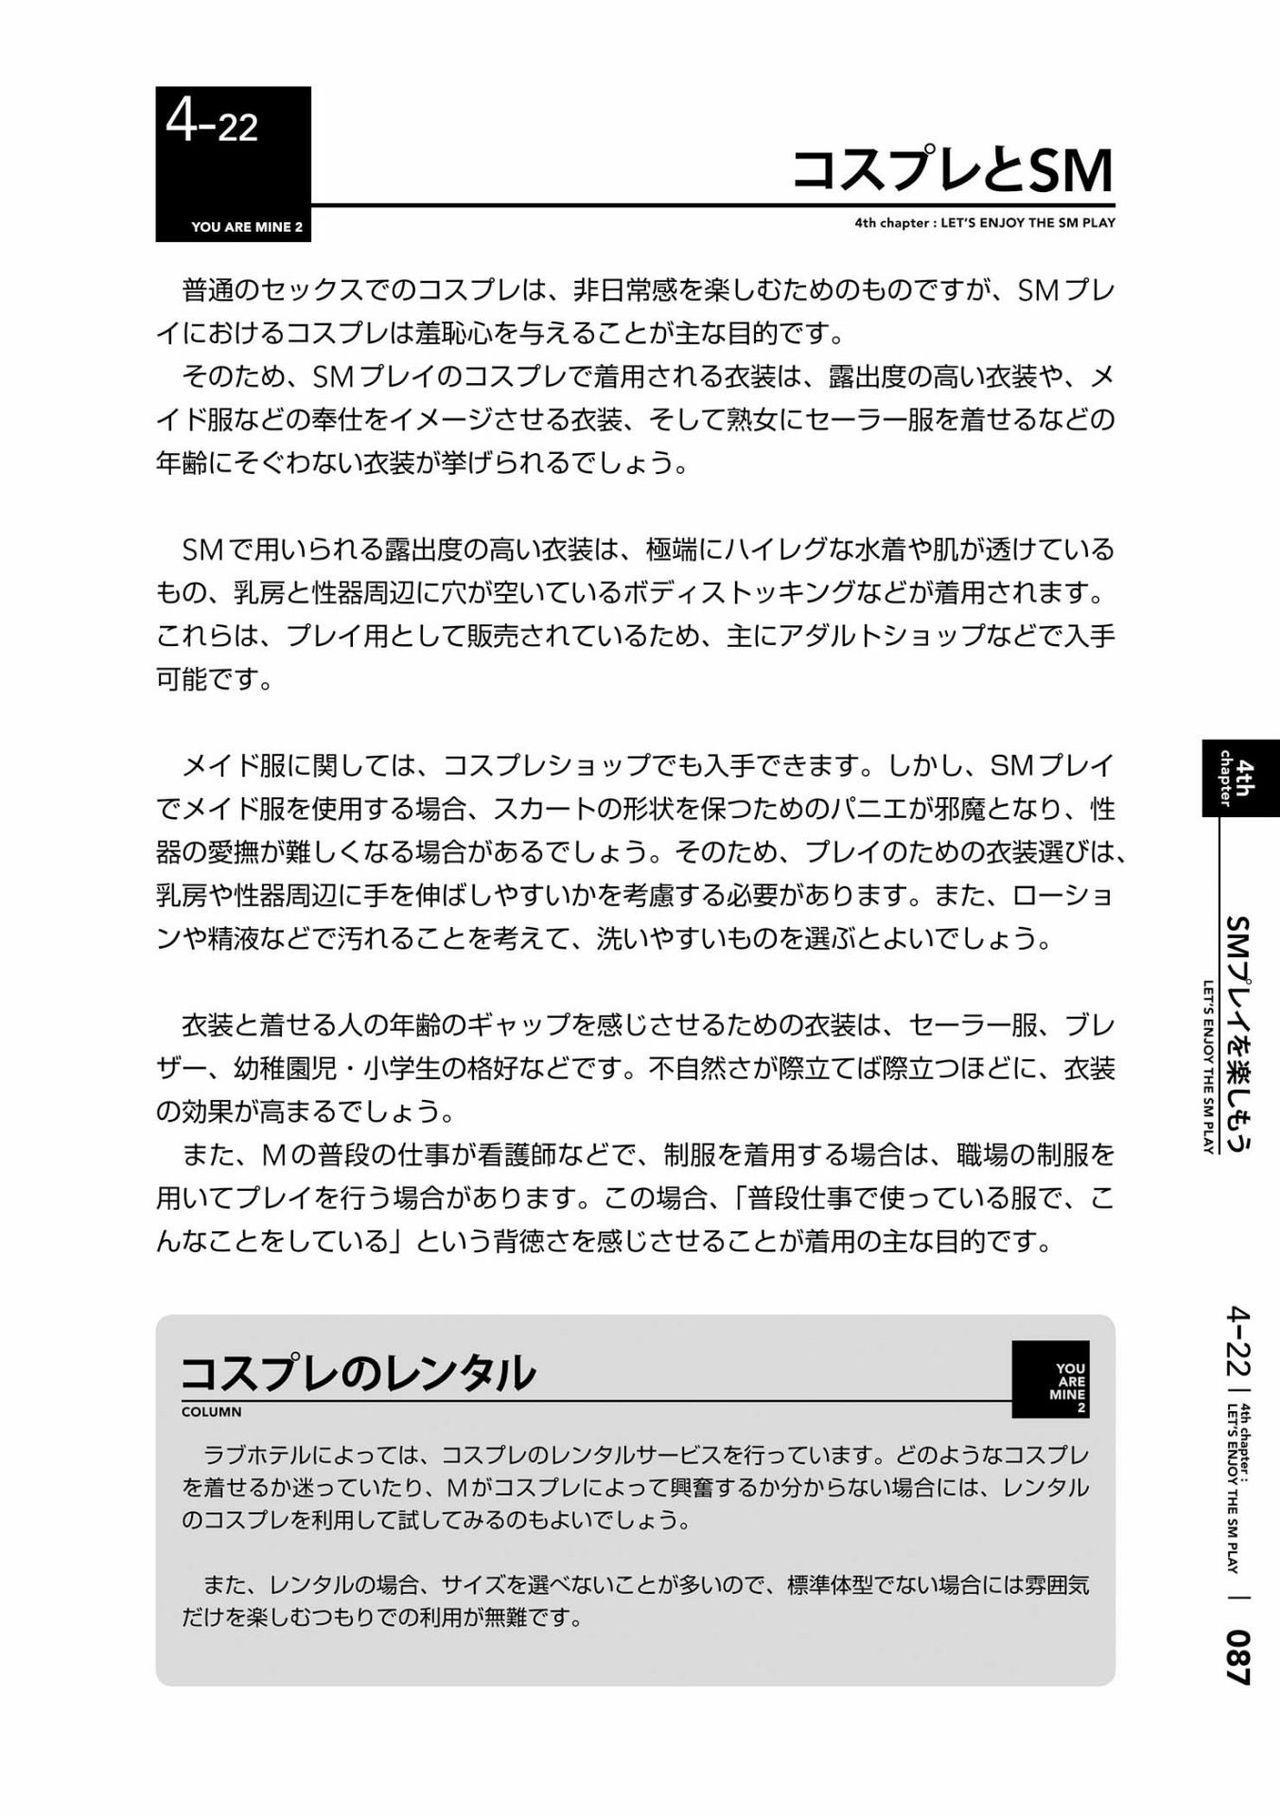 [Mitsuba] Karada mo Kokoro mo Boku no Mono ~Hajimete no SM Guide~ 2 [Digital] 89